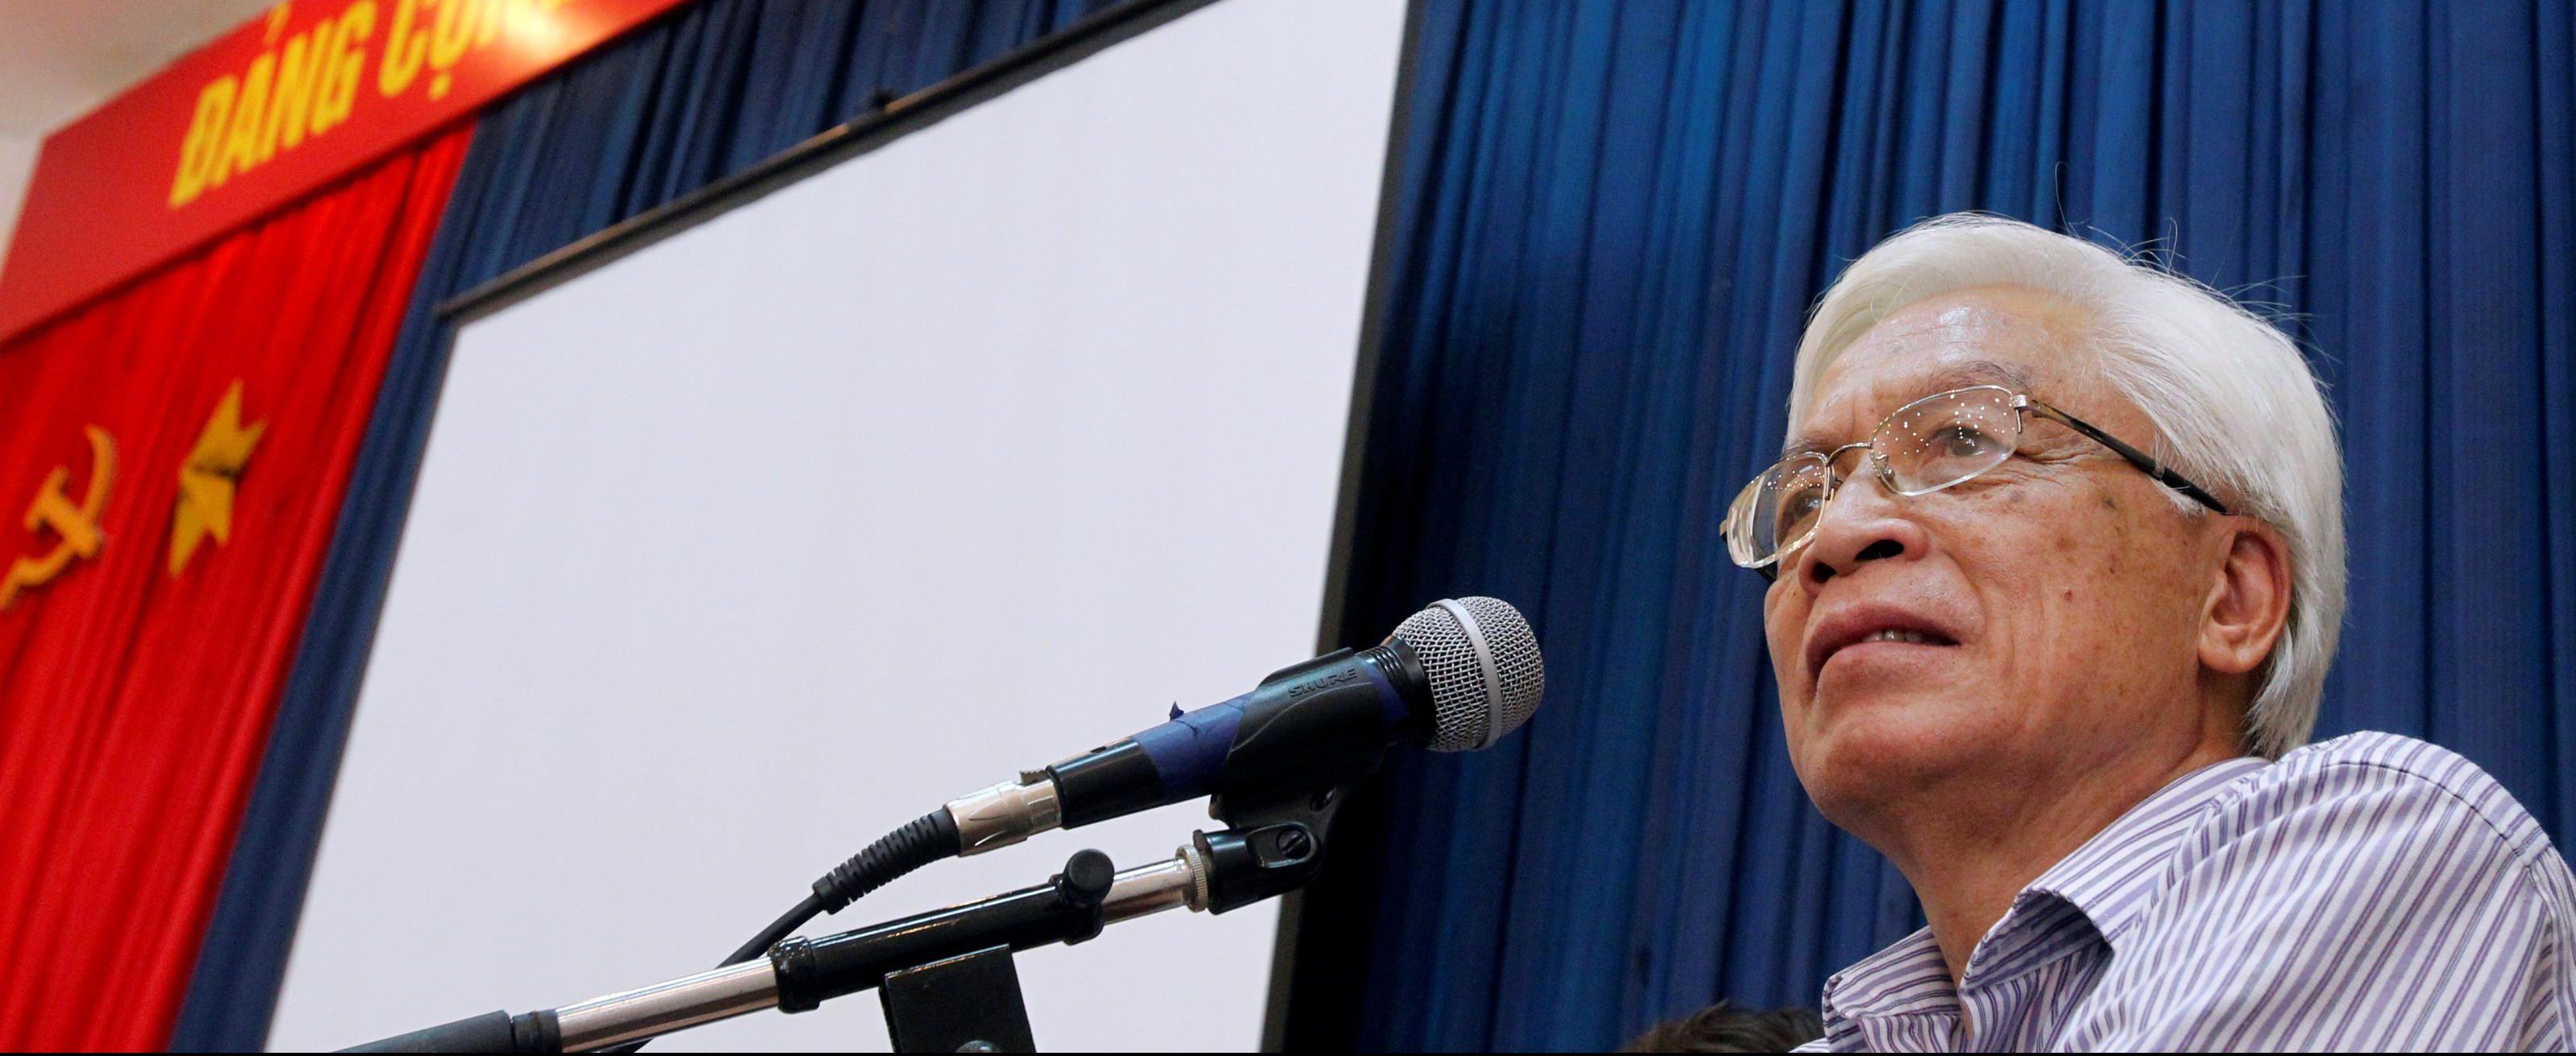 Chu Hao, ancien directeur du Centre National de la Technologie, ancien vice-ministre des Sciences et des Technologies (de 1996 à 2005) et éditeur renommé, a fait l'objet d'une procédure disciplinaire au sein du Parti Communiste Vietnamien. (Source : Newint)